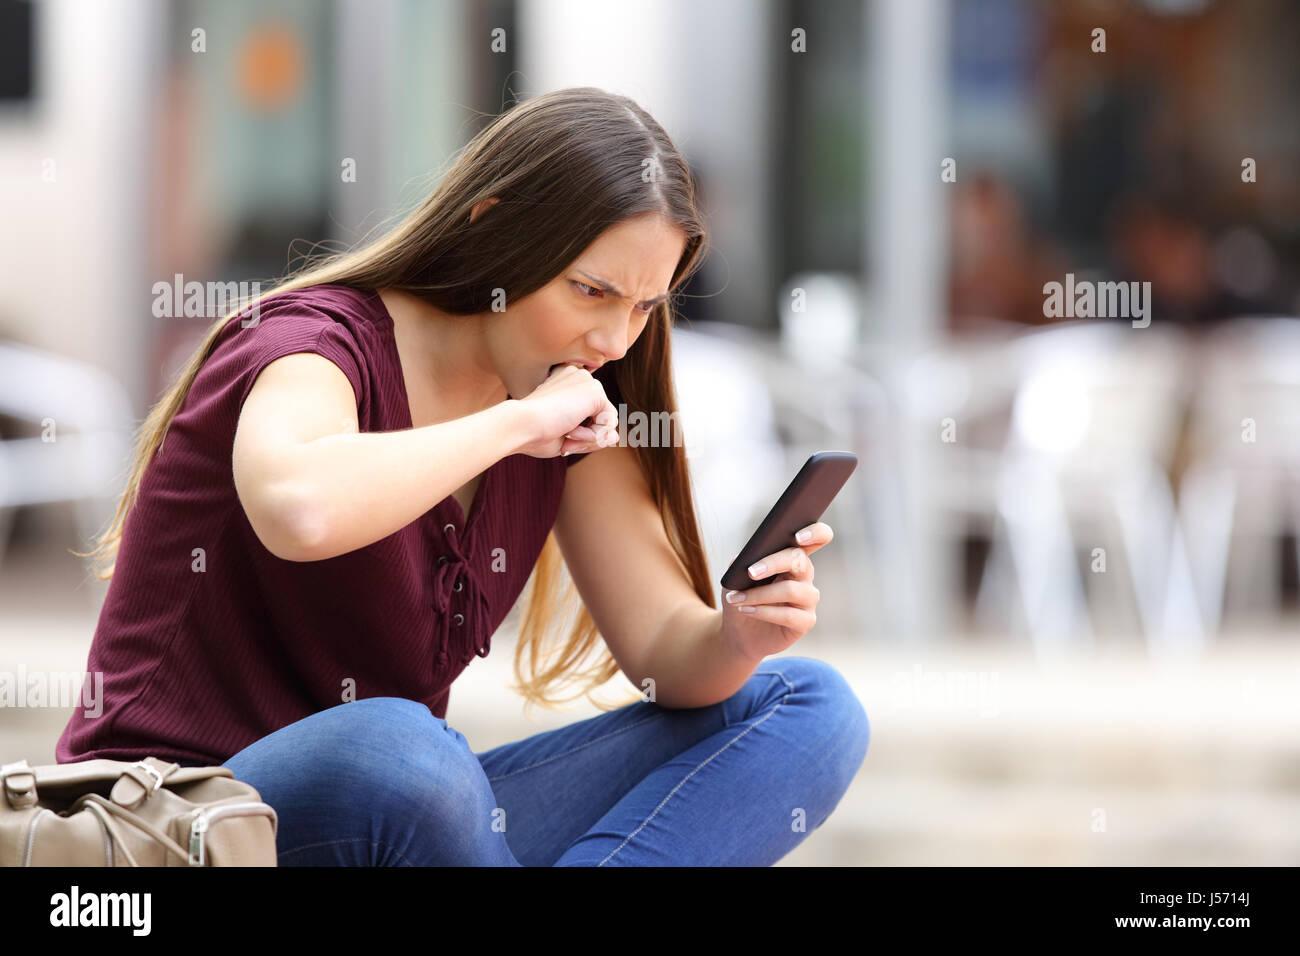 Enojado mujer recibiendo mal contenidos en línea en un teléfono móvil sentado en un banco en la calle Imagen De Stock